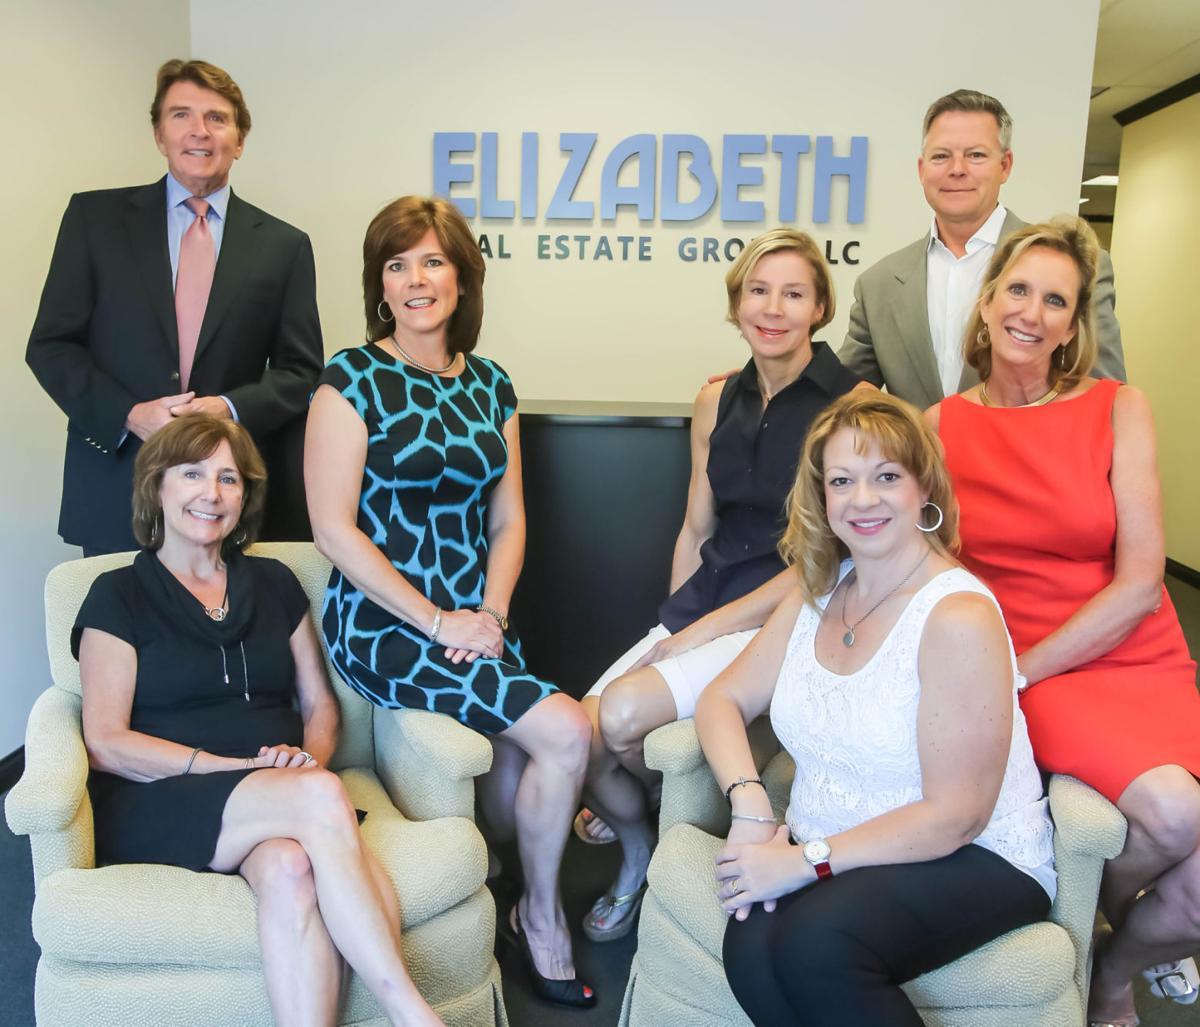 Elizabeth Real Estate Group